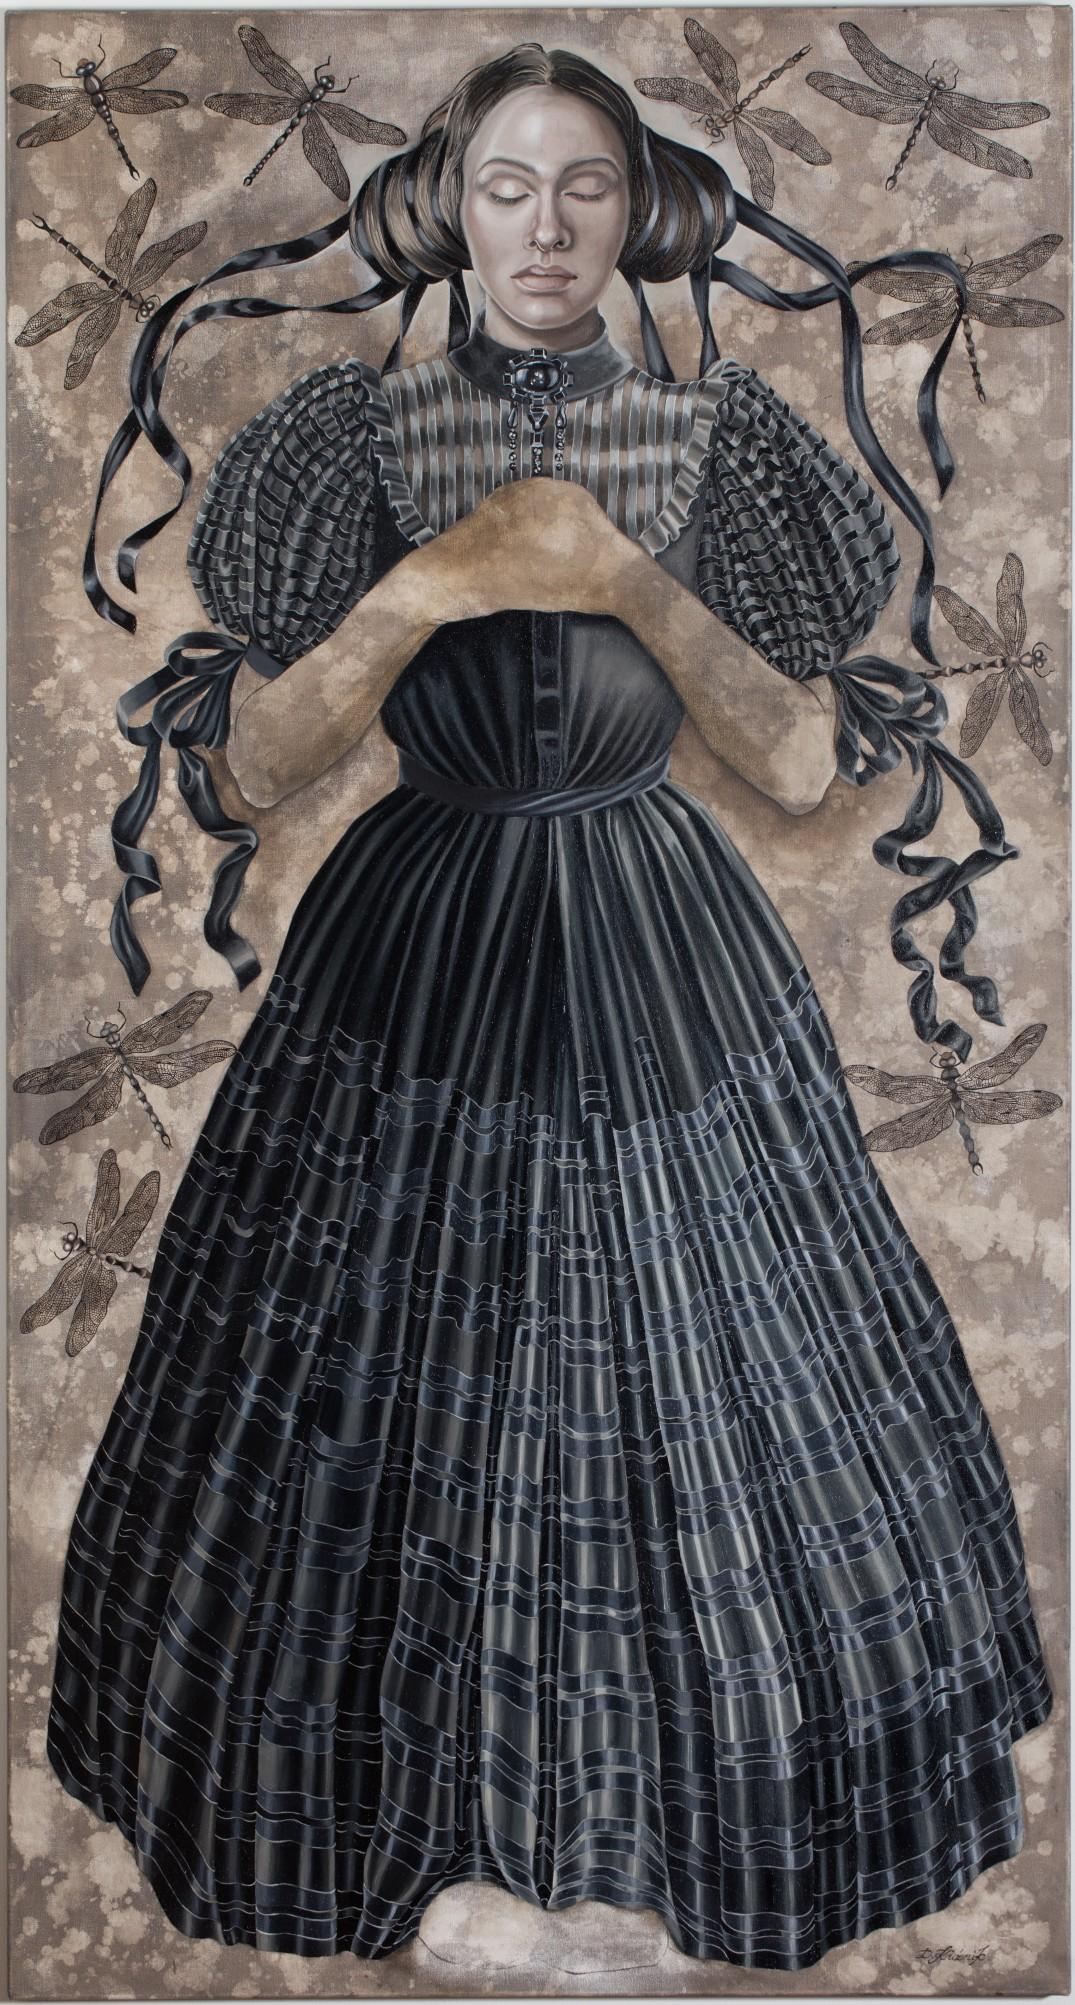 38. Czarna sukienka, Odonata, 2020, olej, płótno,150x80 cm